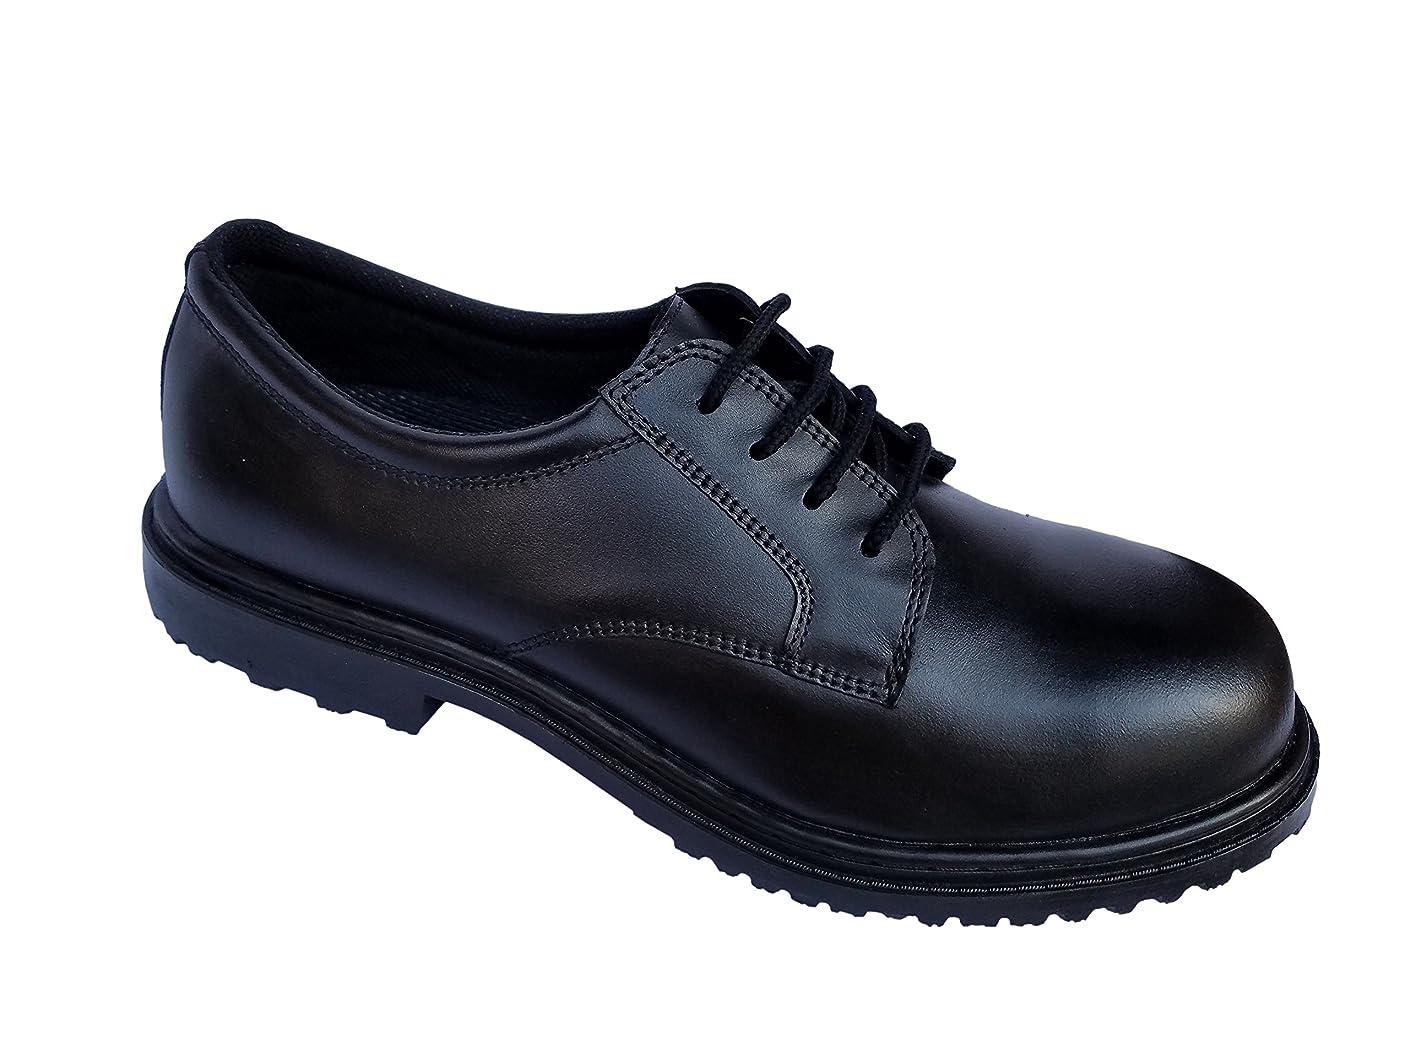 ラジウムルーチン収穫excelshoesメンズOil & Slip Resistant Steel Toe Works Shoe